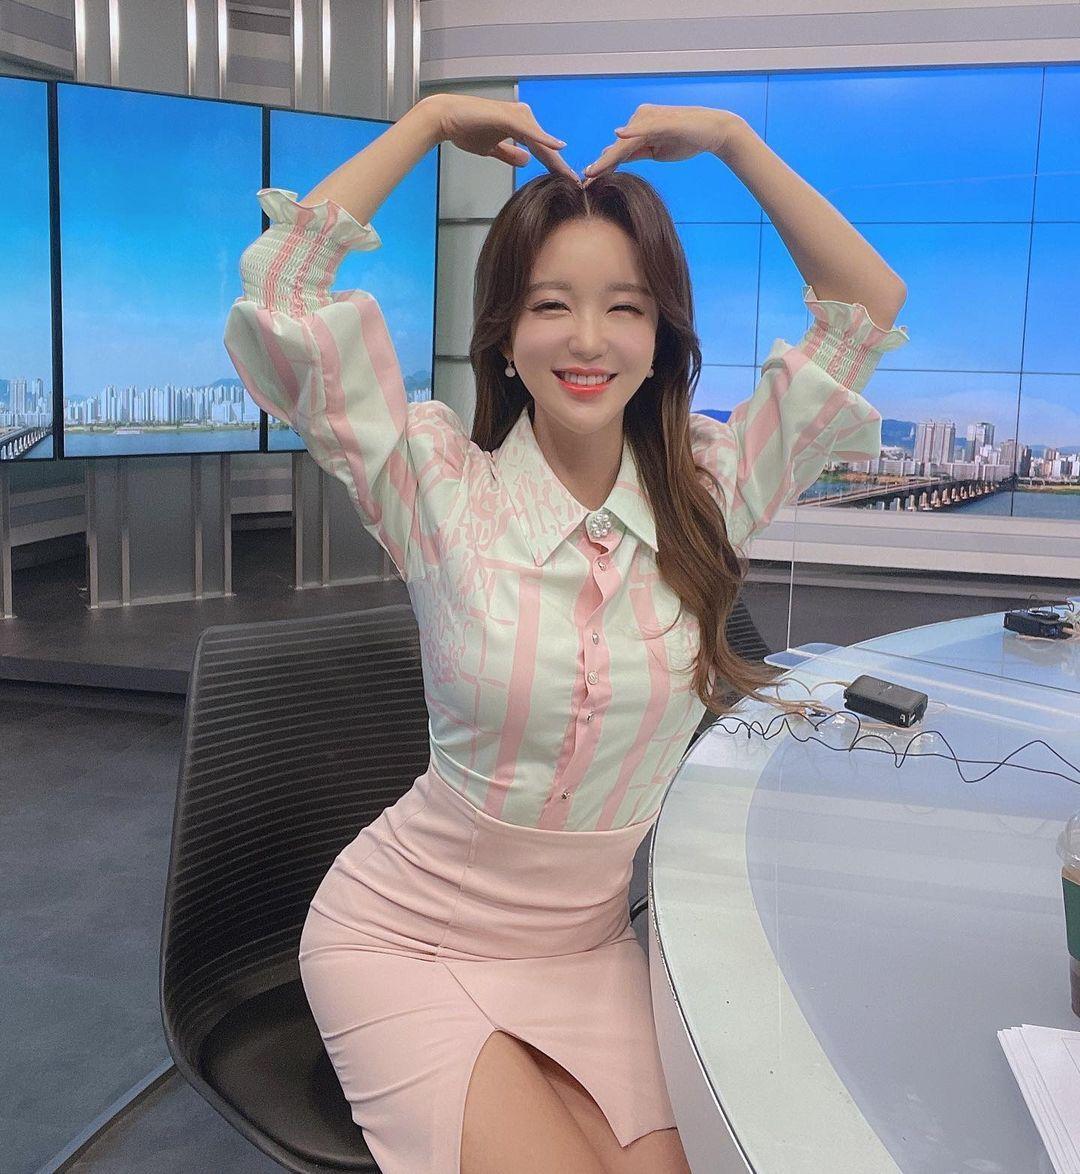 韩国美女主播「尹浩延」爱打高尔夫.球衣衬托超吸睛 养眼图片 第31张